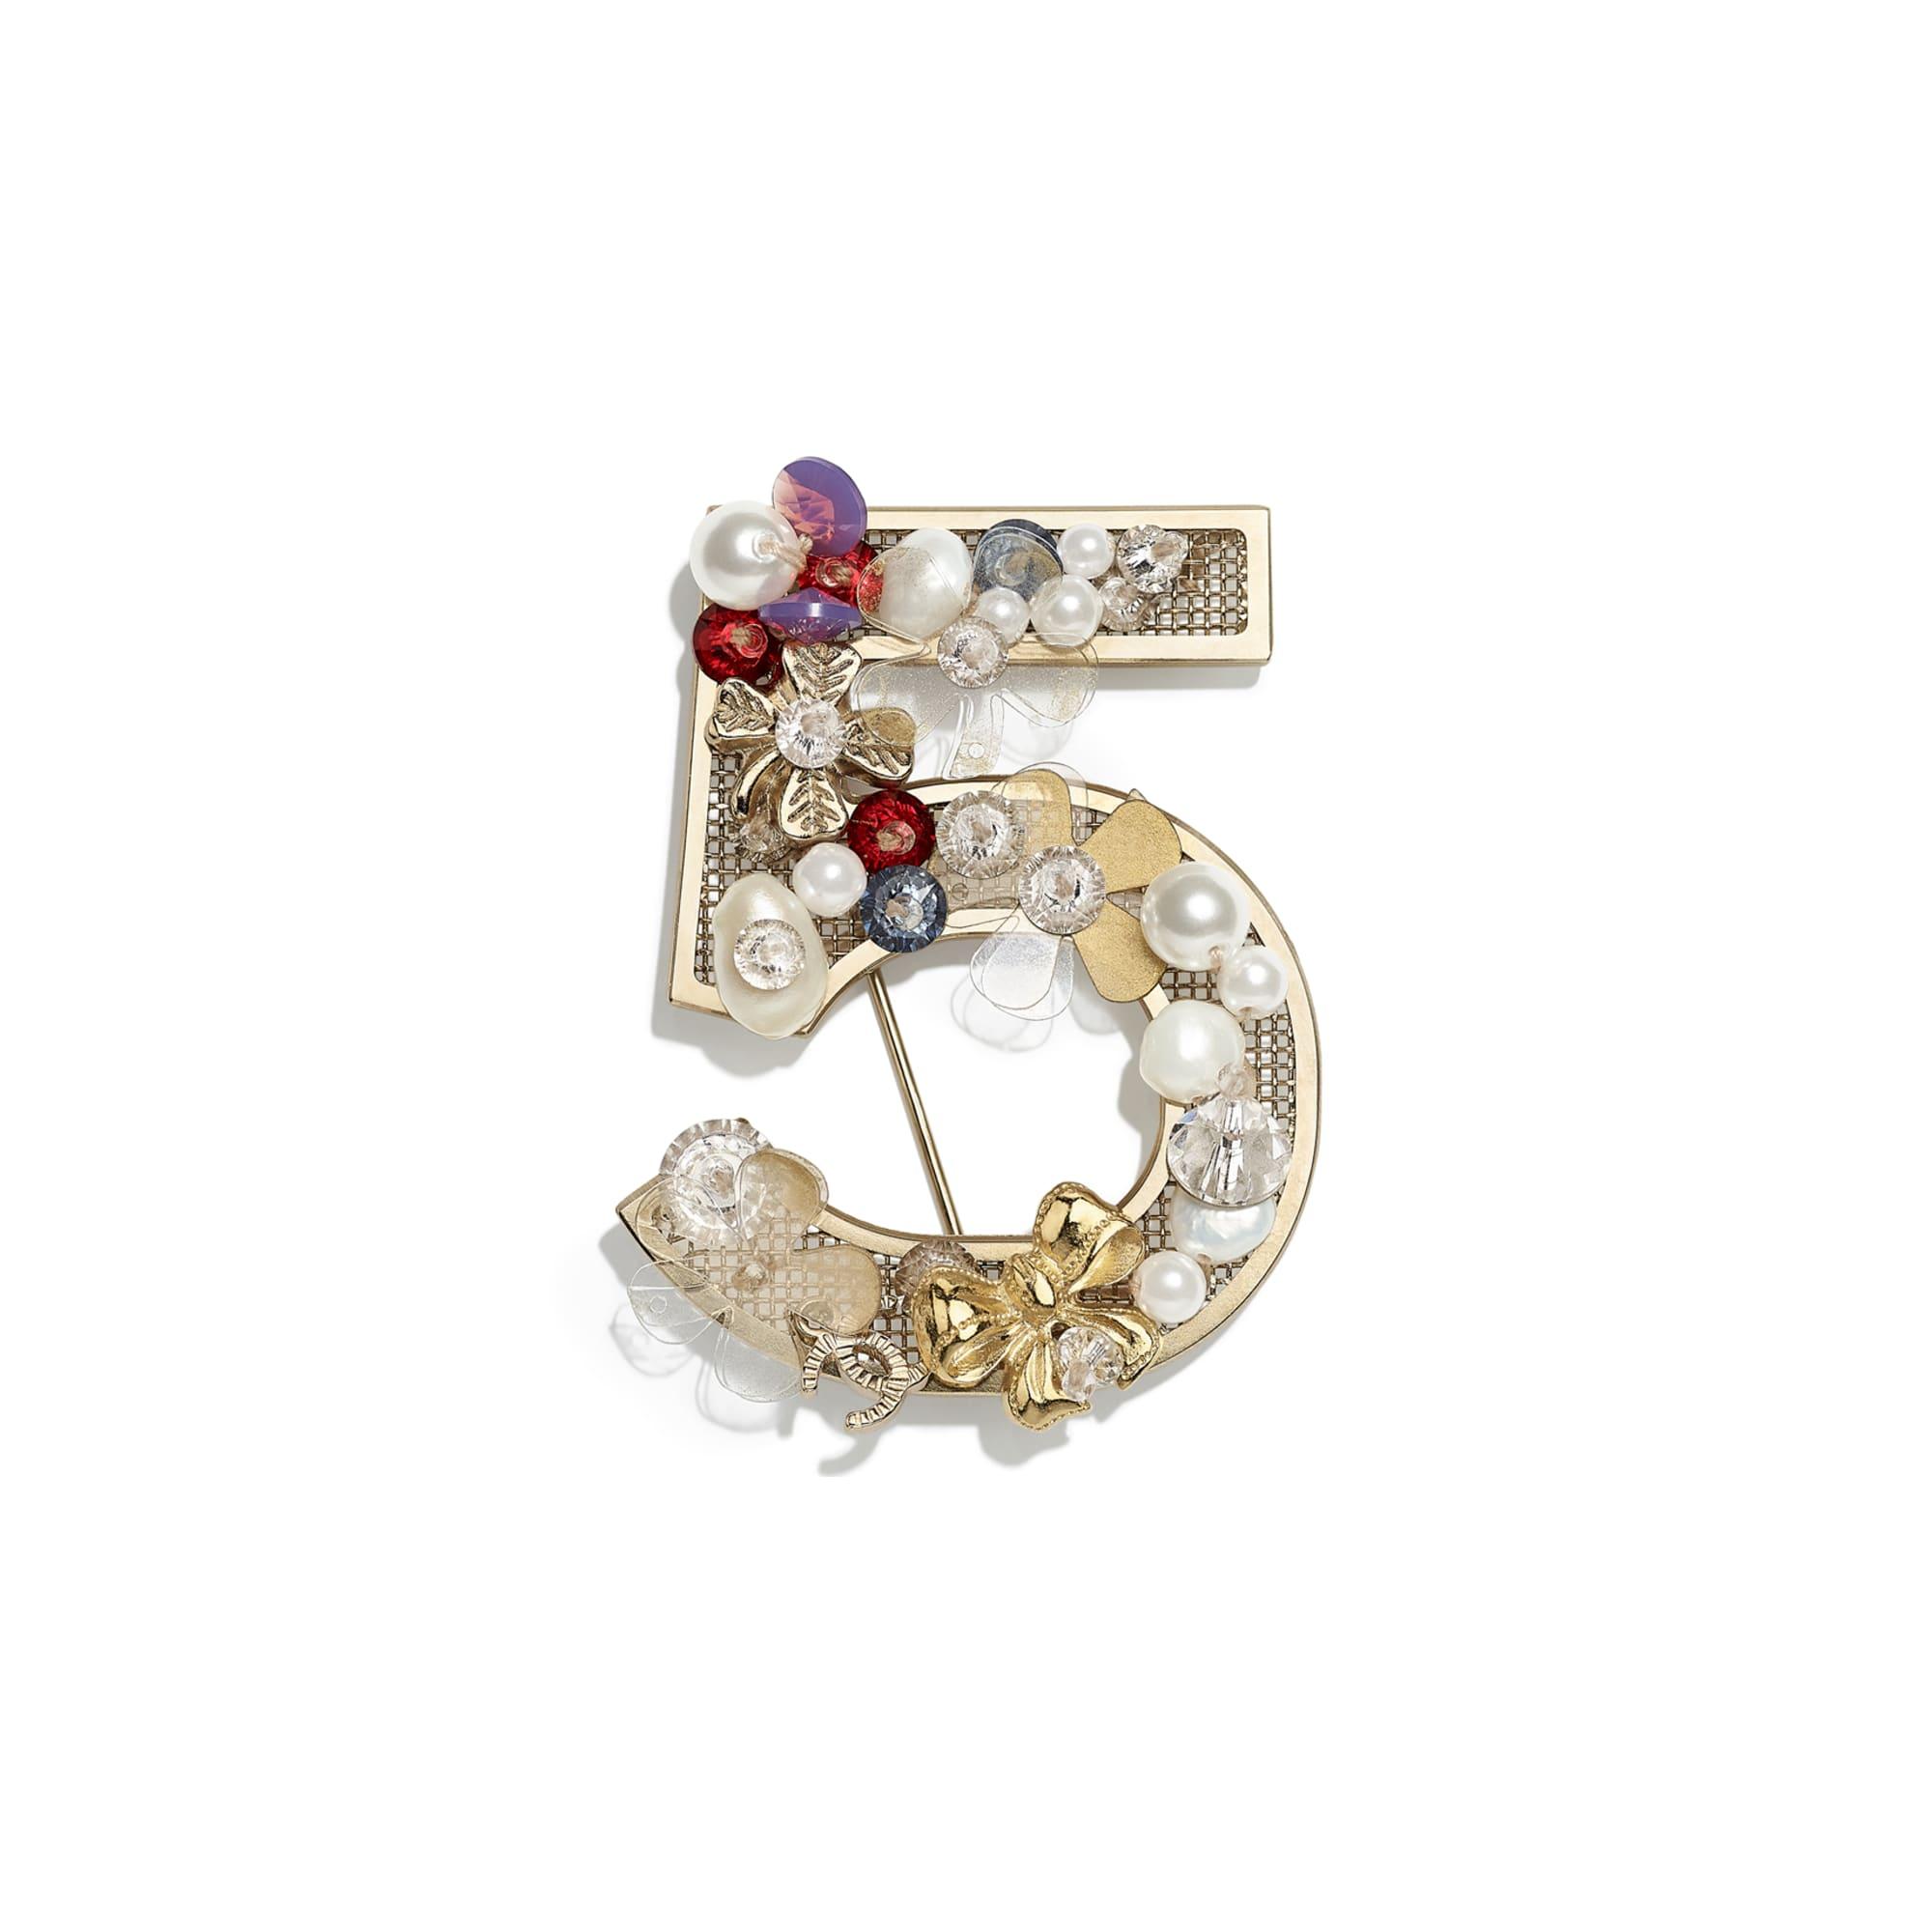 Broche - Dorado, blanco nacarado, cristal, rojo, azul y violeta - Metal, perlas cultivadas de agua dulce, perlas de cristal y resina - CHANEL - Vista por defecto - ver la versión tamaño estándar